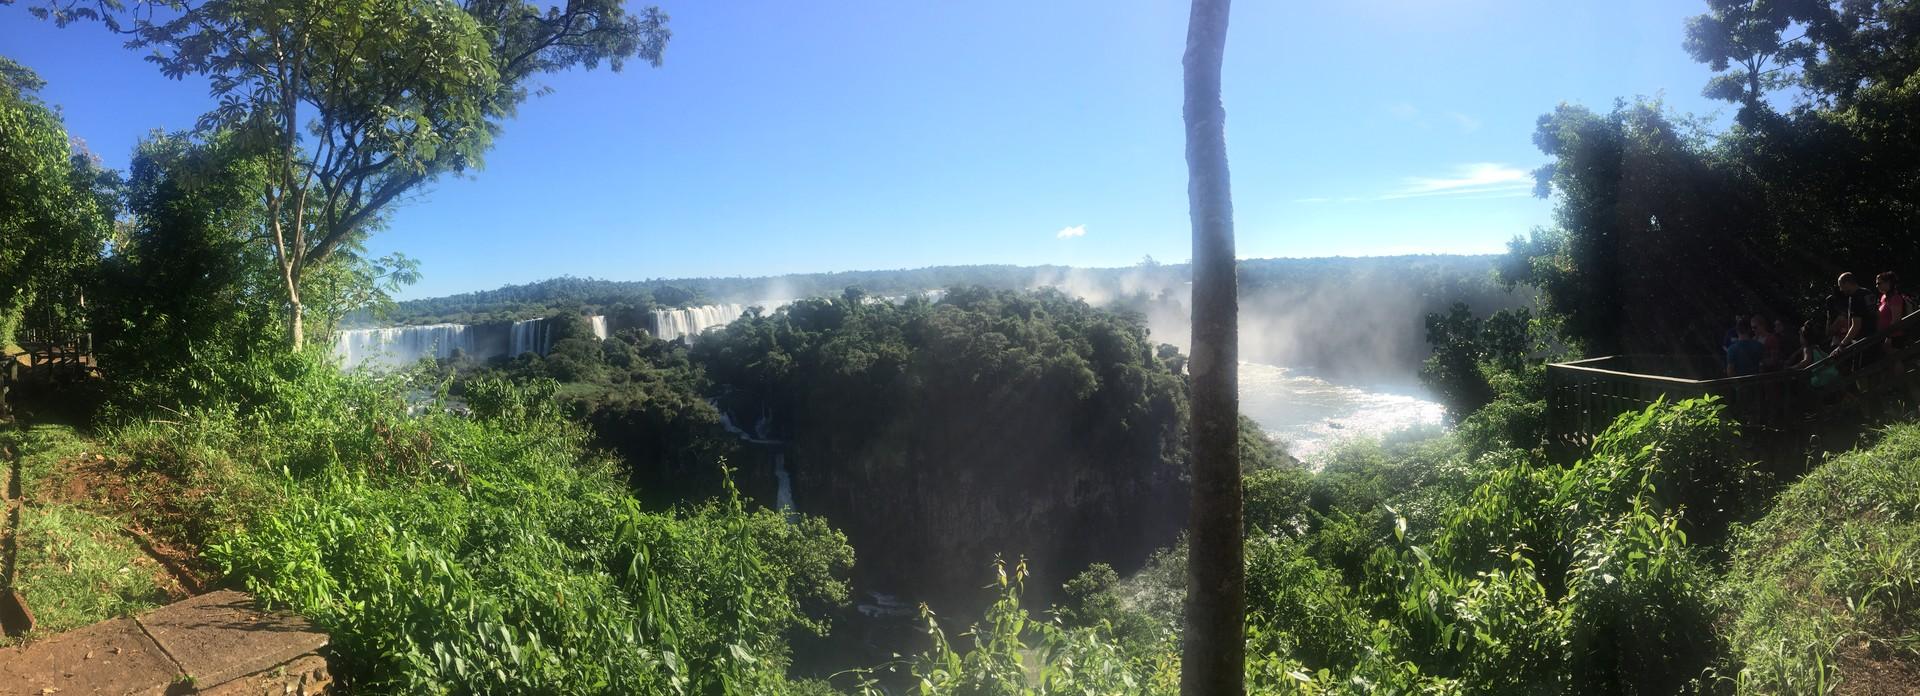 cataratas-iguazu-lado-argentino-88457ce3